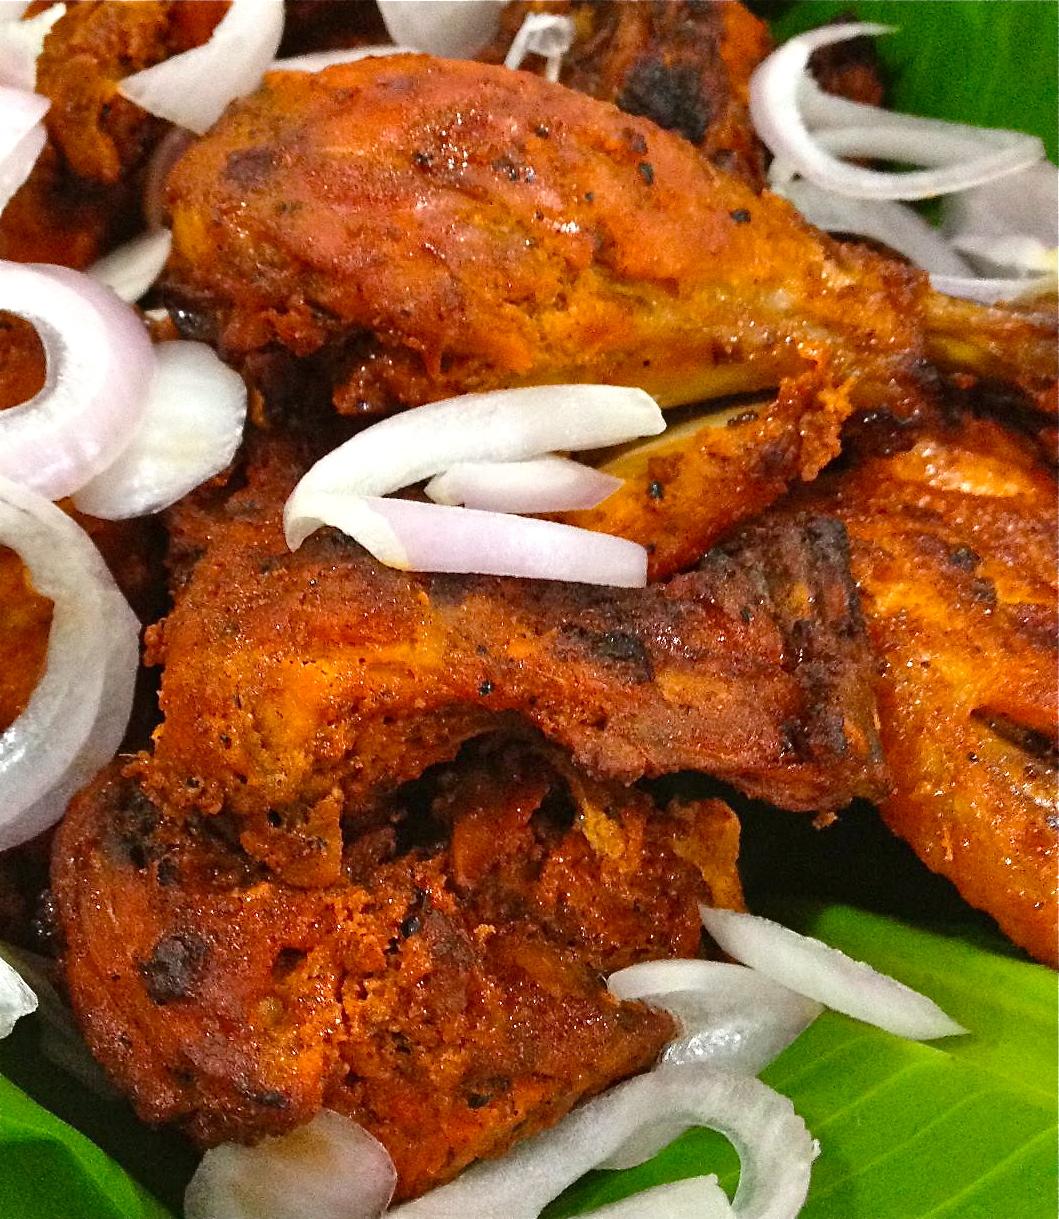 Tandoori kitchen - Tandoori Chicken Minus The Tandoor Or Clay Oven